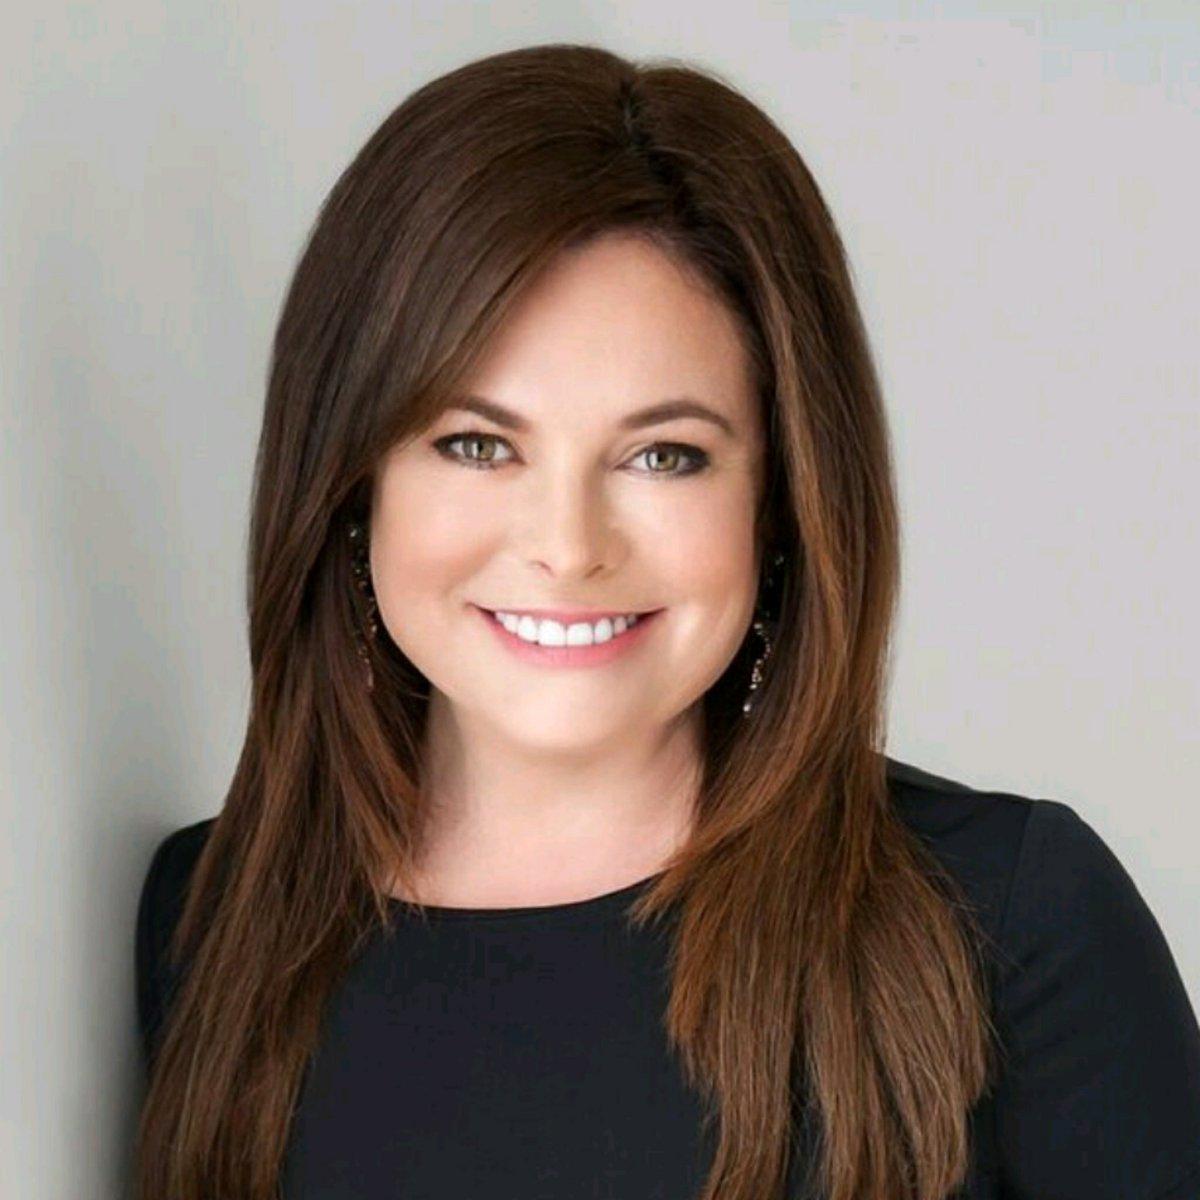 picture Emily Wachtel